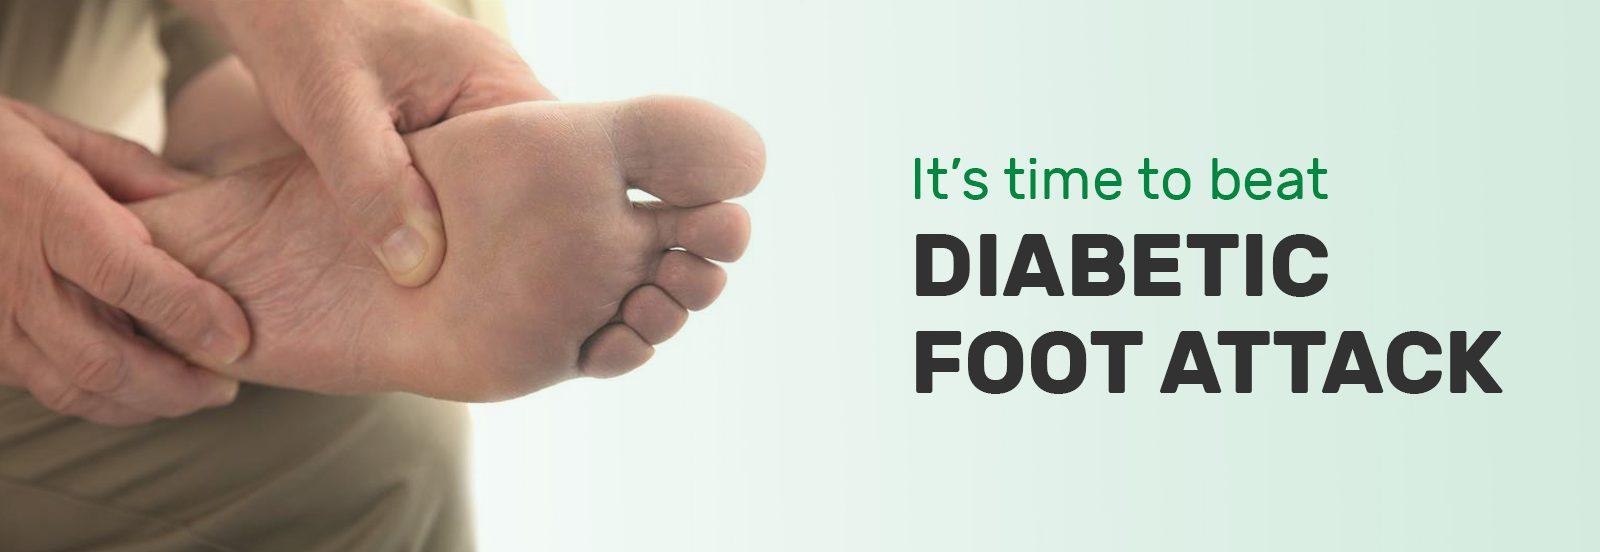 diabetic_foot_attack